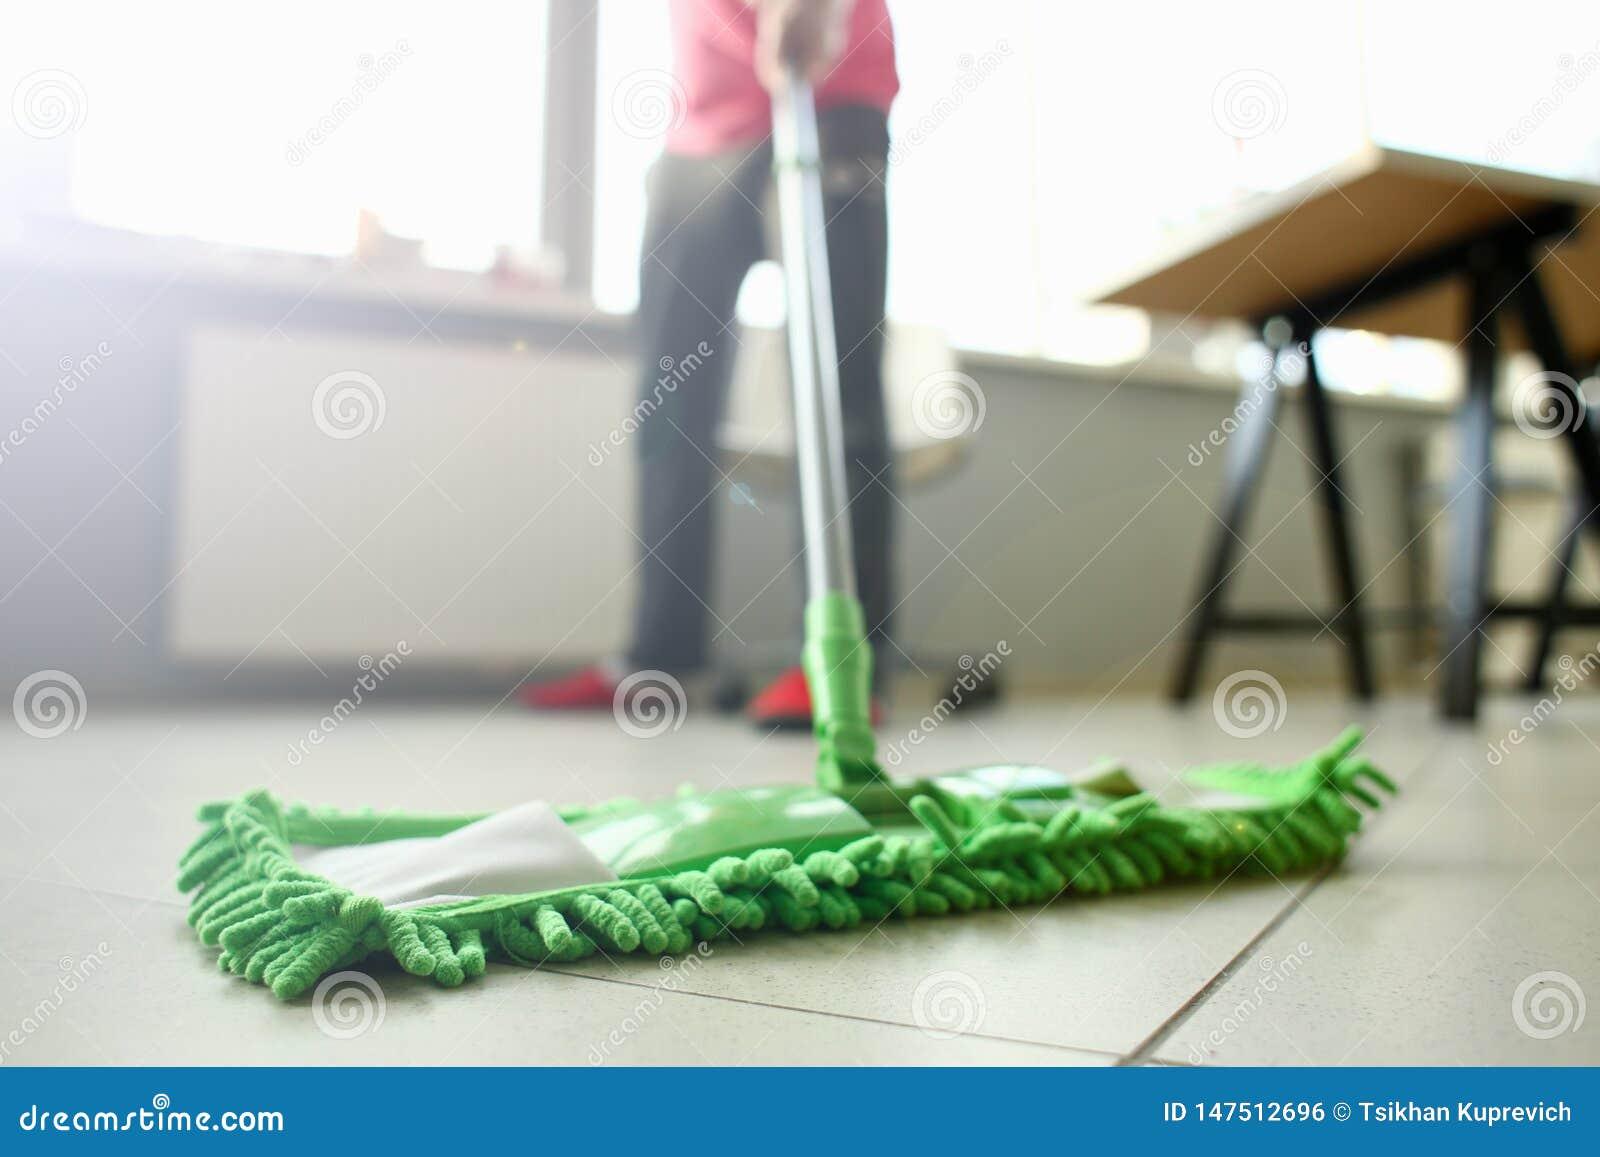 Πράσινη πλαστική σφουγγαρίστρα που καθαρίζει το τοποθετημένο σε στρώματα ελαφρύ βρώμικο πάτωμα